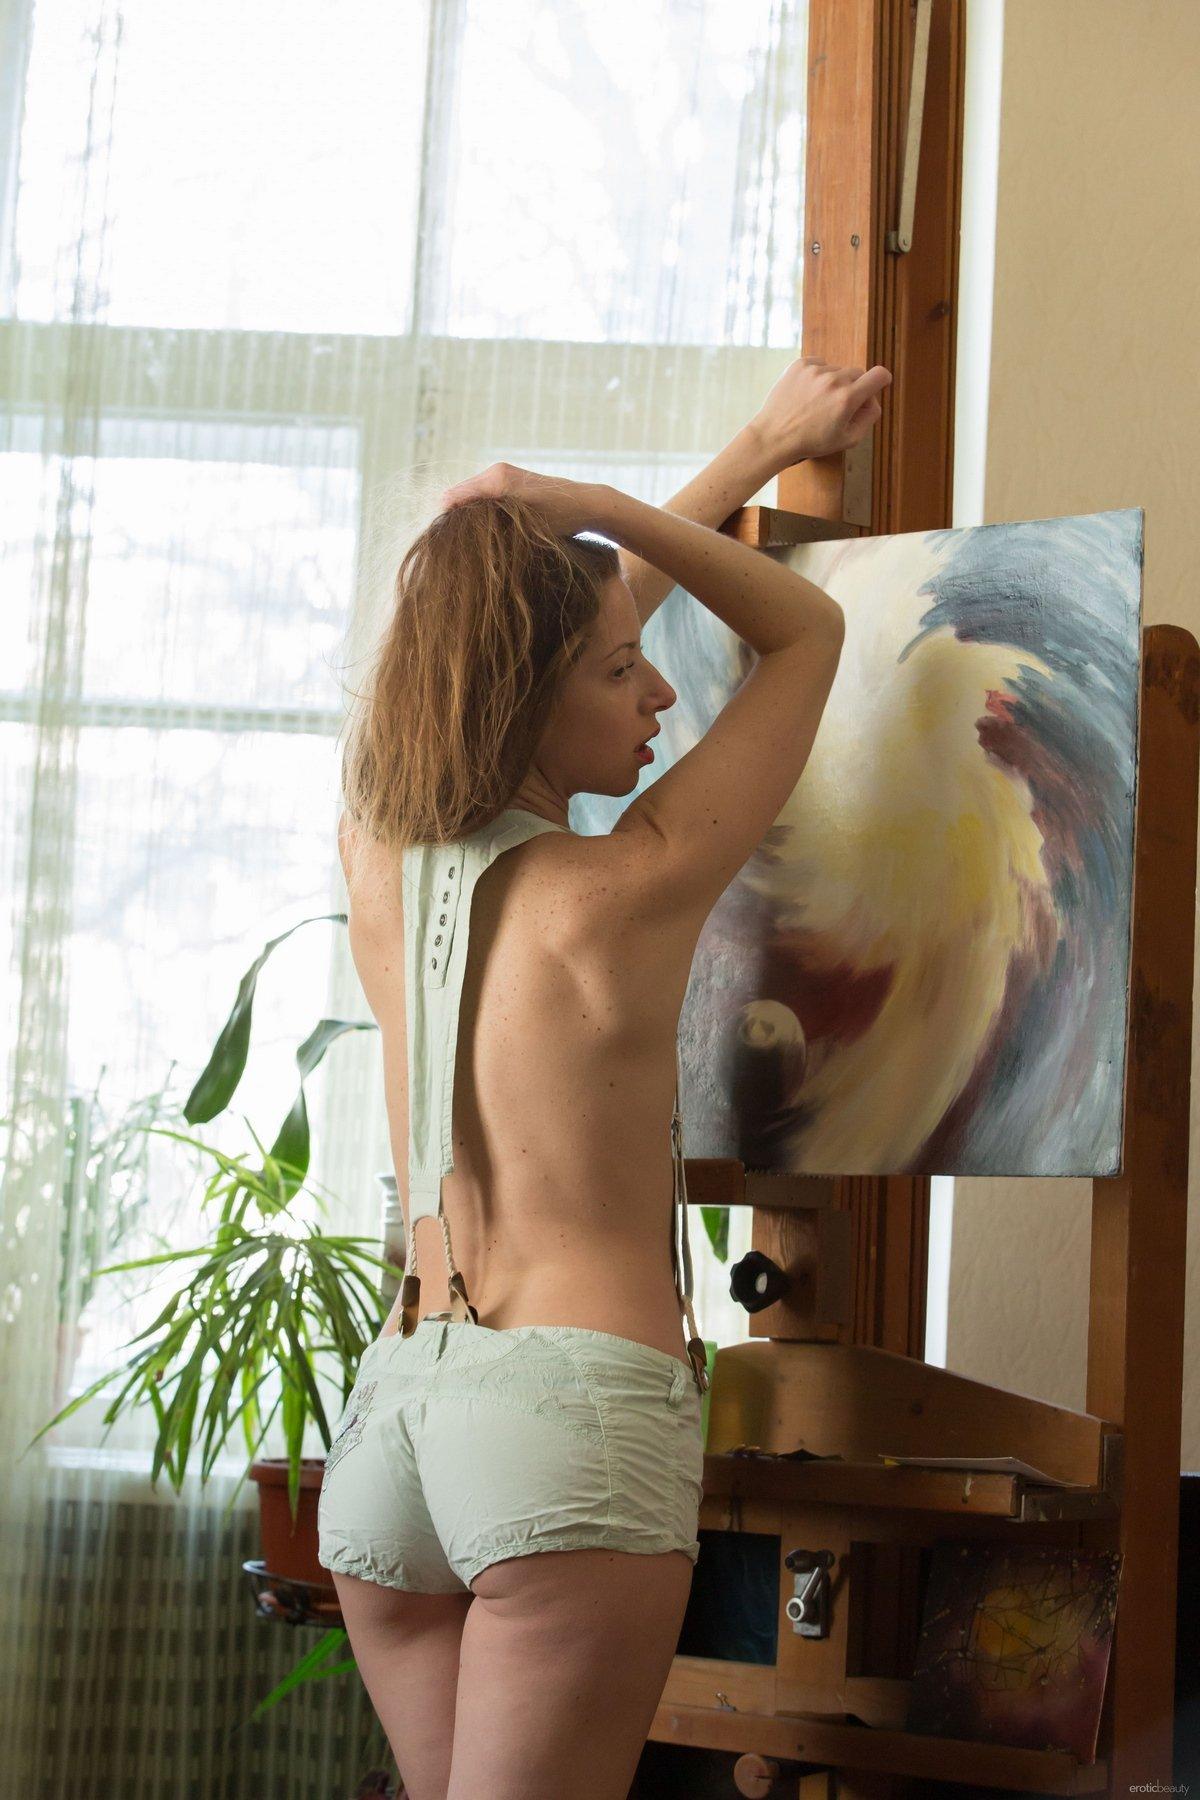 Художница рисует на своем обнаженном теле